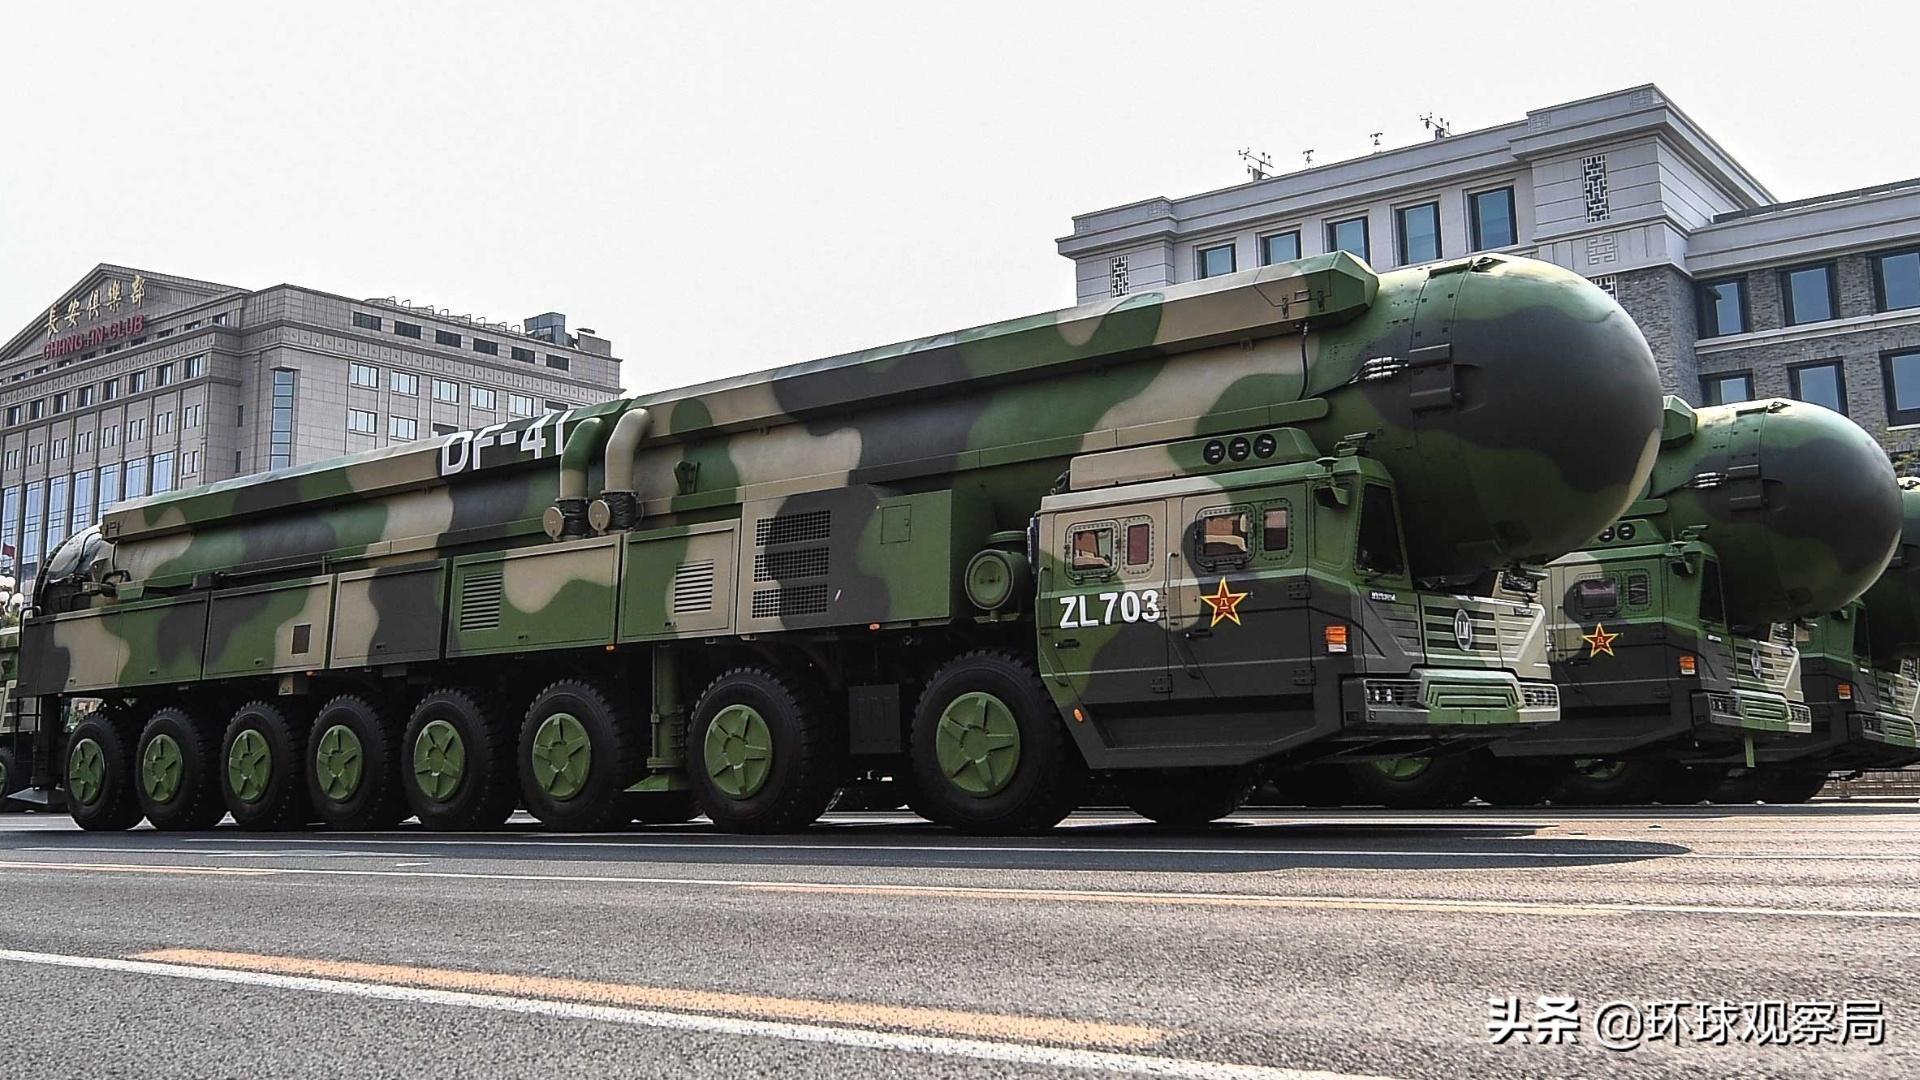 懈怠的代价,五角大楼称中国军力在三方面领先美国,短期内难赶超